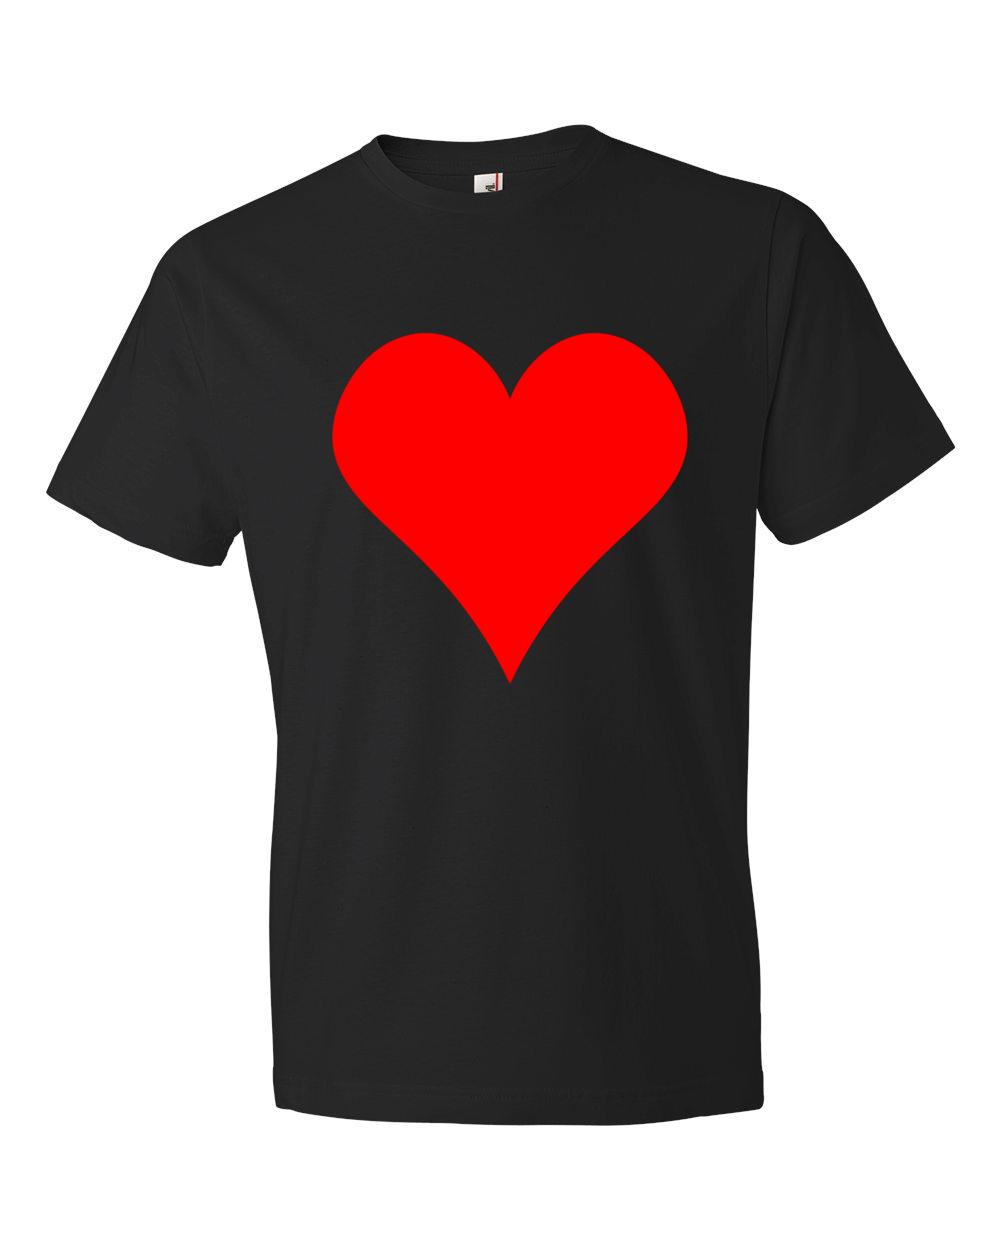 Heart-Lightweight-Fashion-Short-Sleeve-T-Shirt-by-iTEE.com